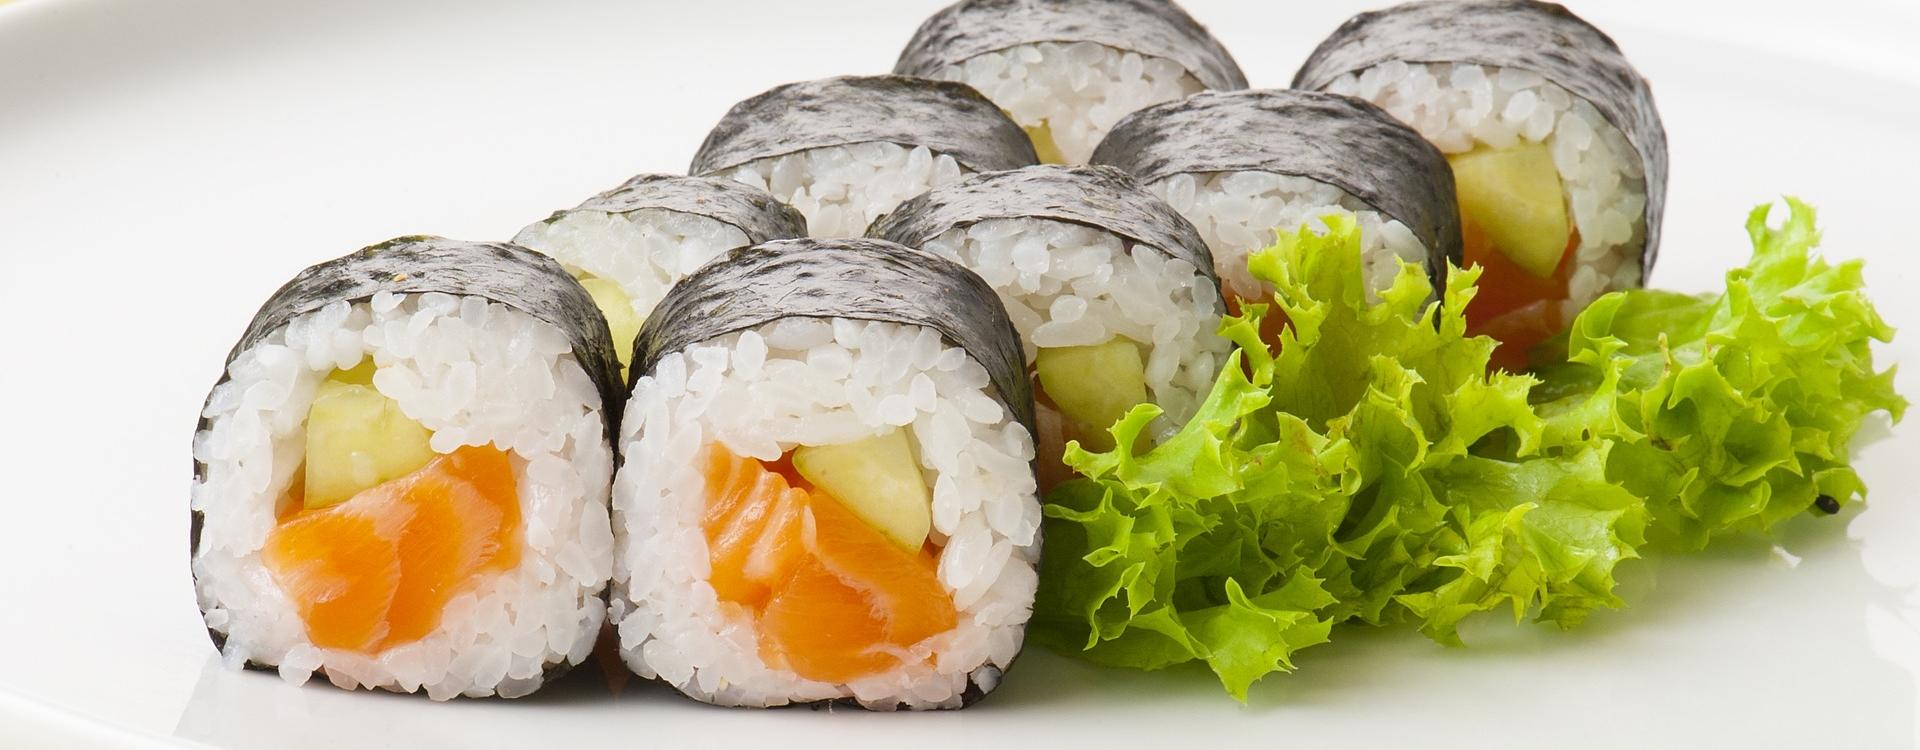 sushi in k ln sushi spezialit ten der japanischen k che leckere sushi variationen und andere. Black Bedroom Furniture Sets. Home Design Ideas